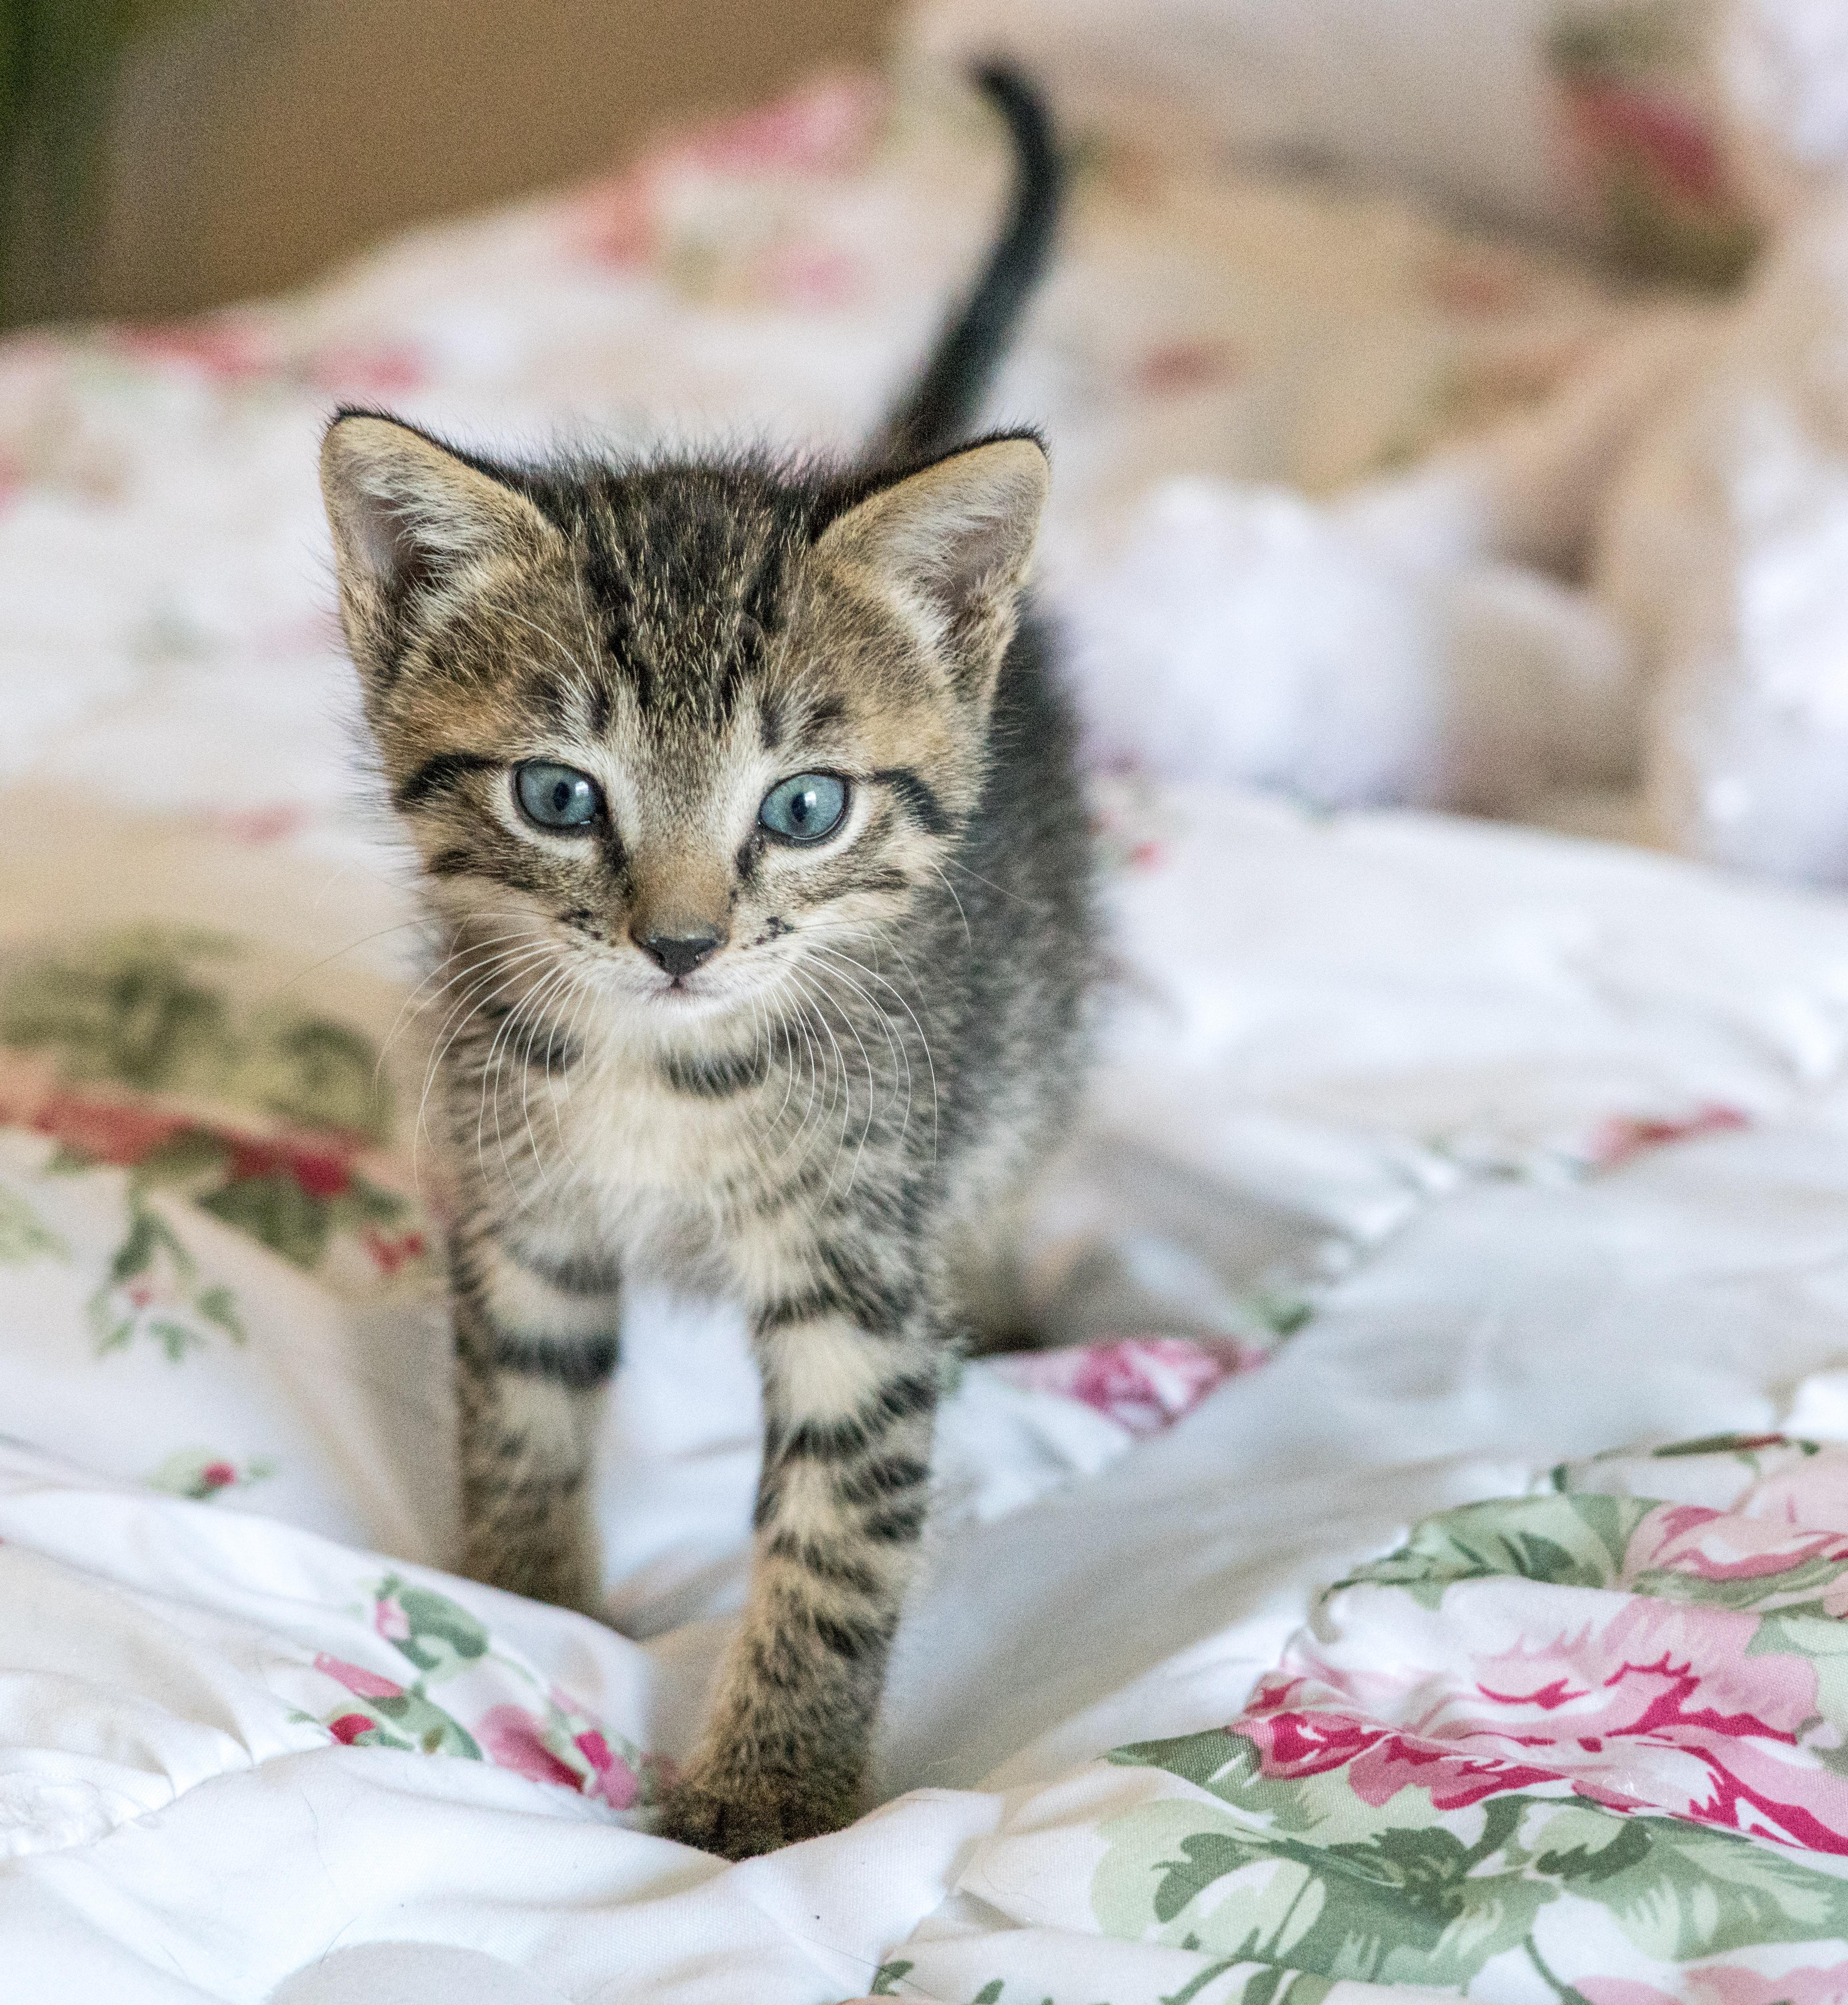 Unduh 99+  Gambar Kucing Kecil Imut Terlihat Keren Gratis